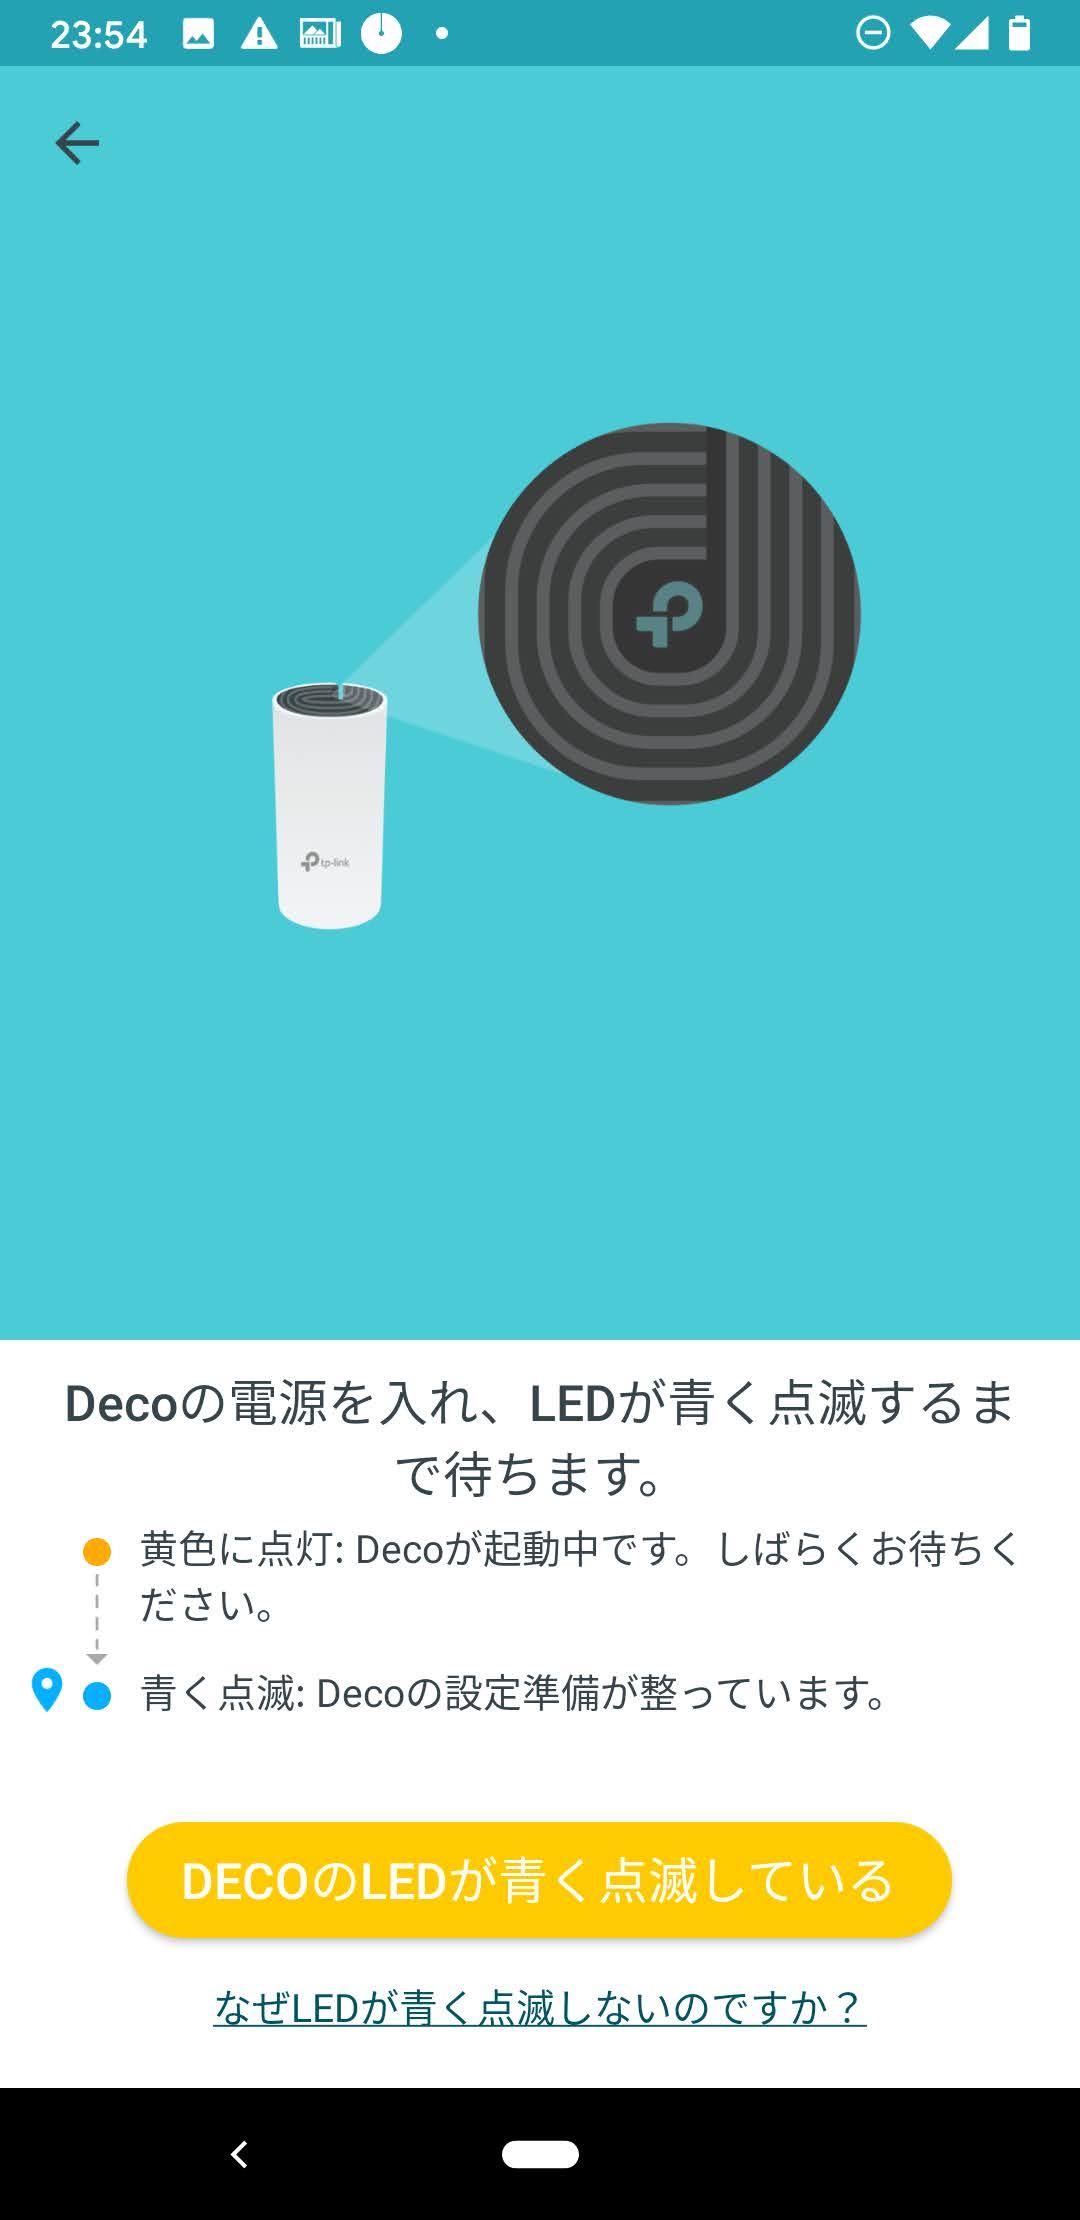 LEDランプが青点滅したらセットアップを始めます